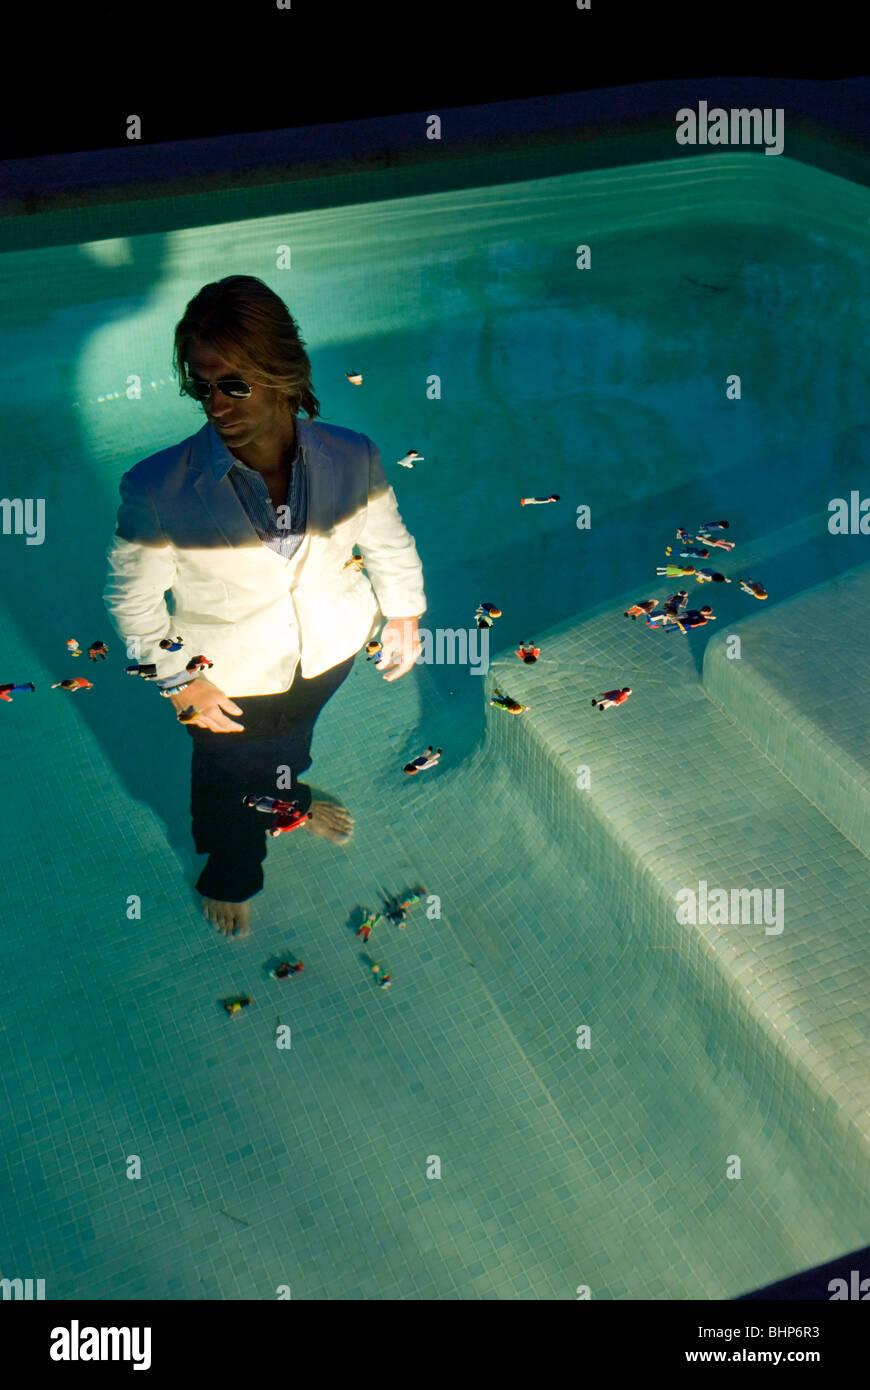 Image bizarre d'un homme blond avec des lunettes adaptées immergé dans une piscine entourée par Photo Stock